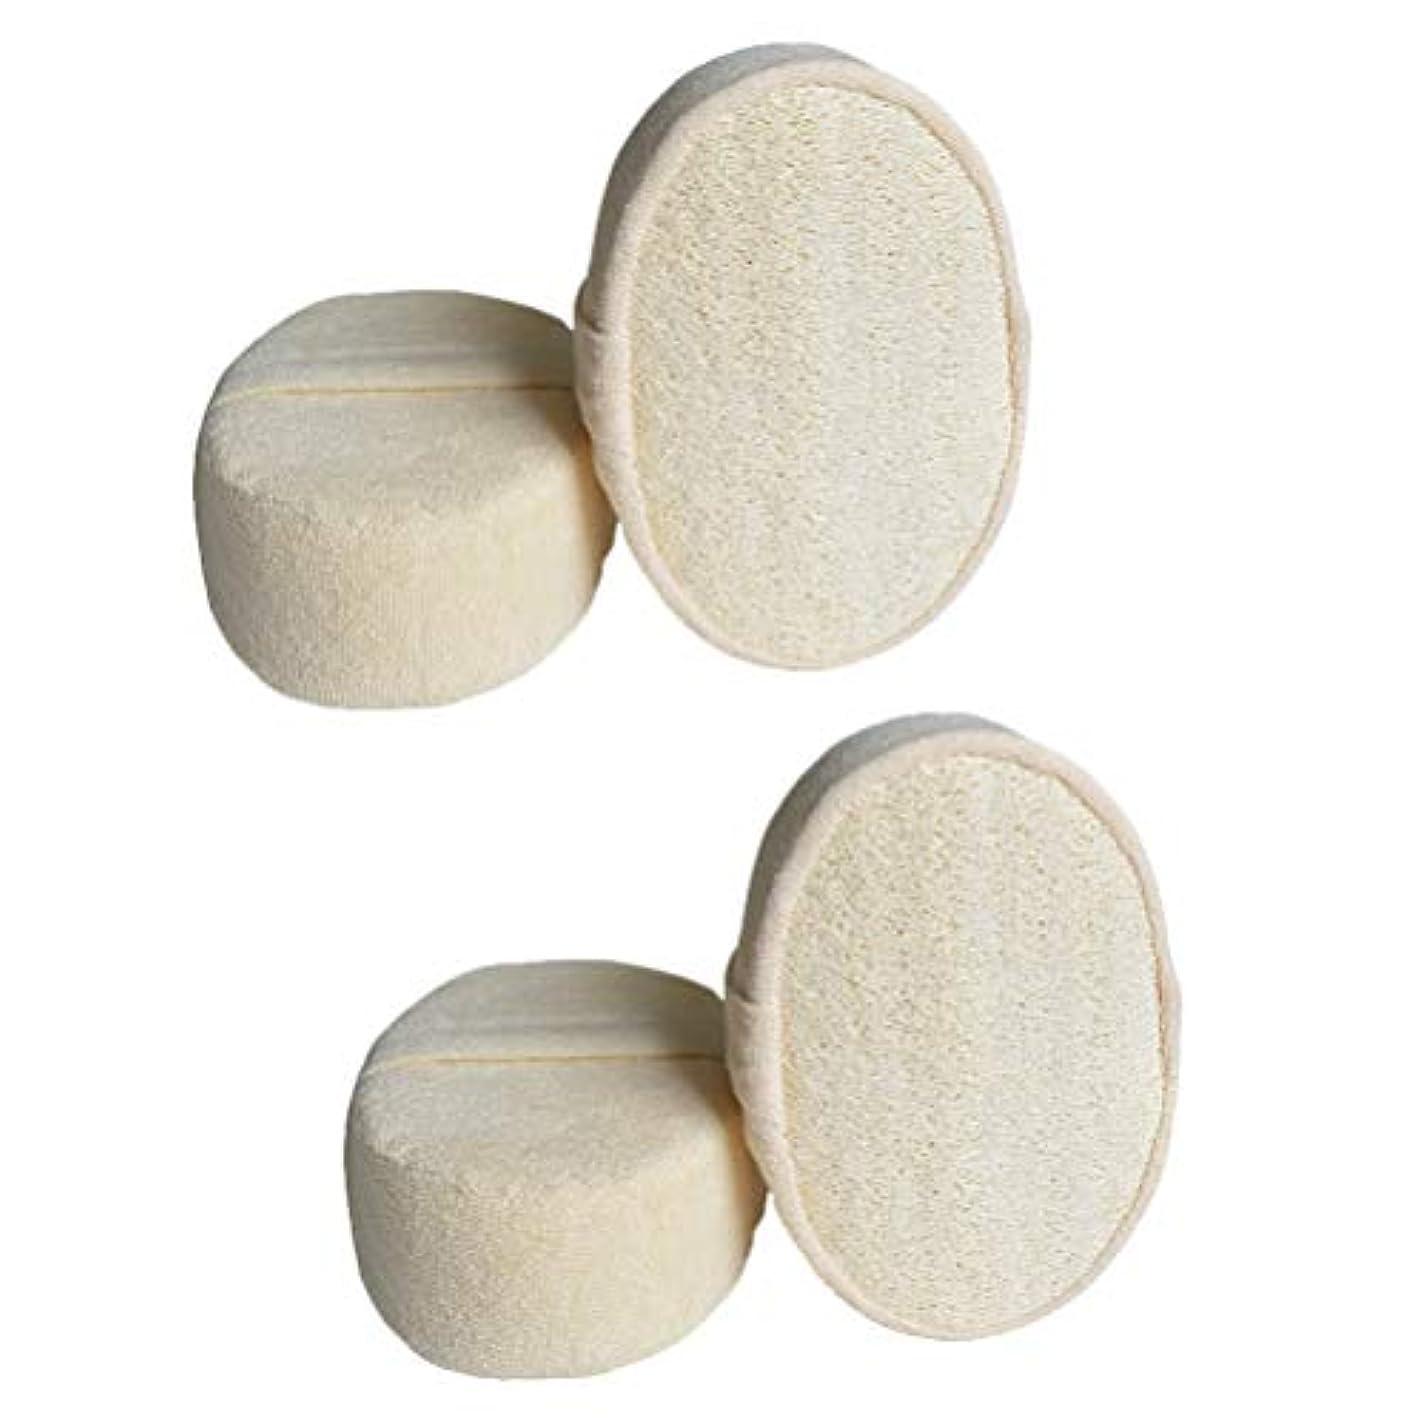 カイウスチャネル自発Healifty 4ピース剥離剥離剤パッドloofaスポンジスクラバーブラシ用風呂スパシャワー